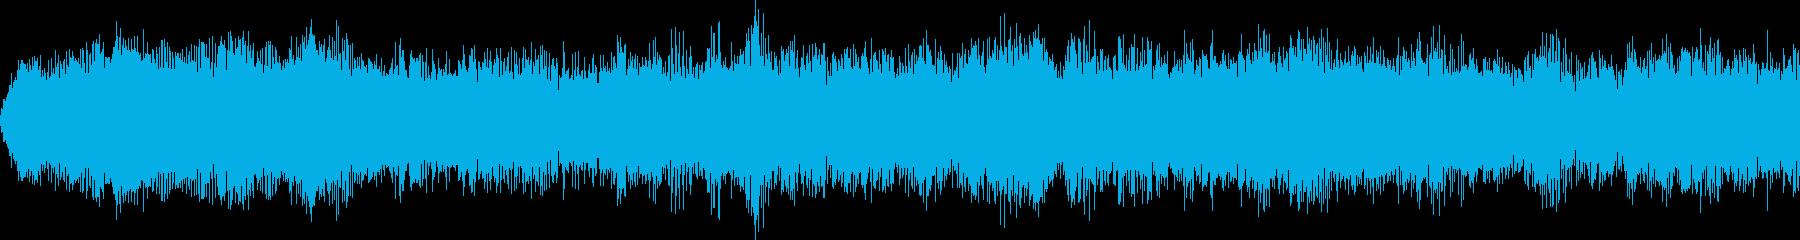 クラシカルな雰囲気のジングル(ループ)の再生済みの波形